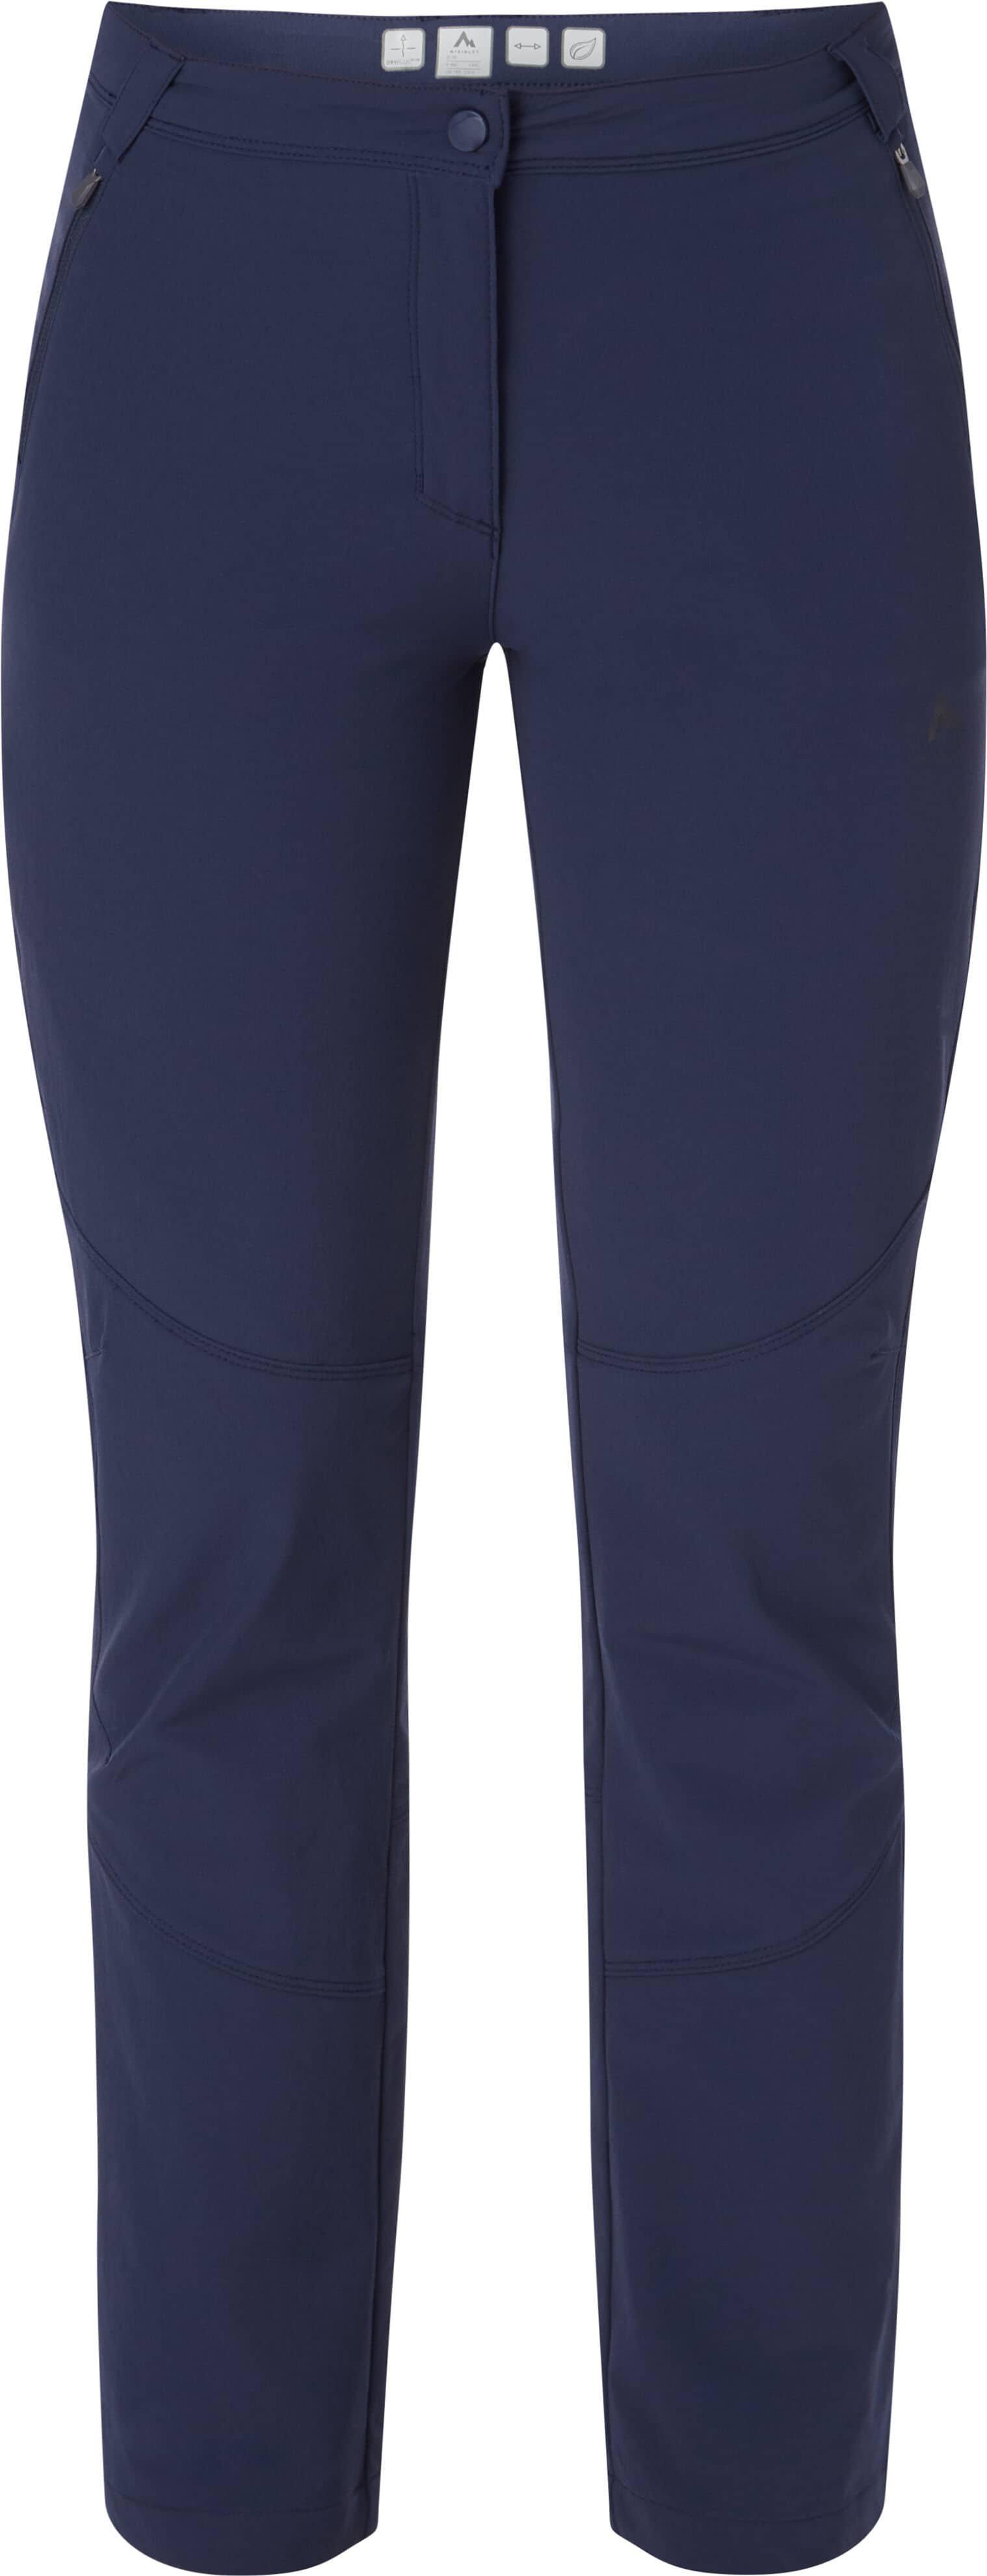 McKinley Yuba Pants W 25